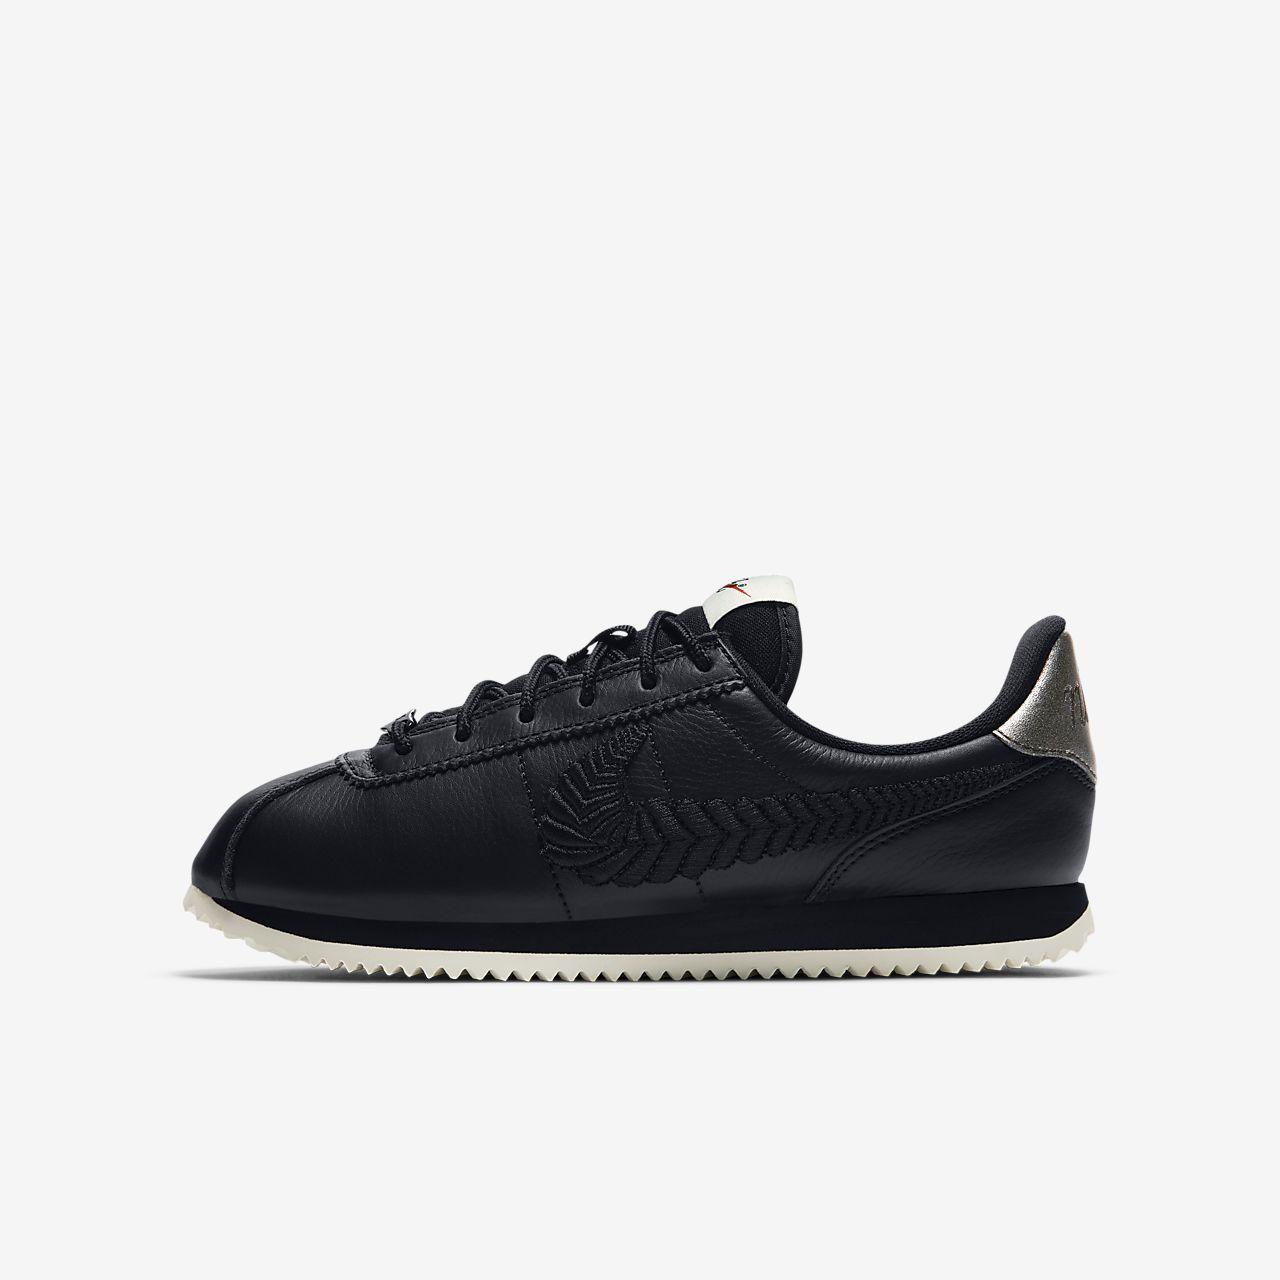 new arrival ed6af f5640 ... Nike Cortez Basic Premium Embroidered sko til store barn